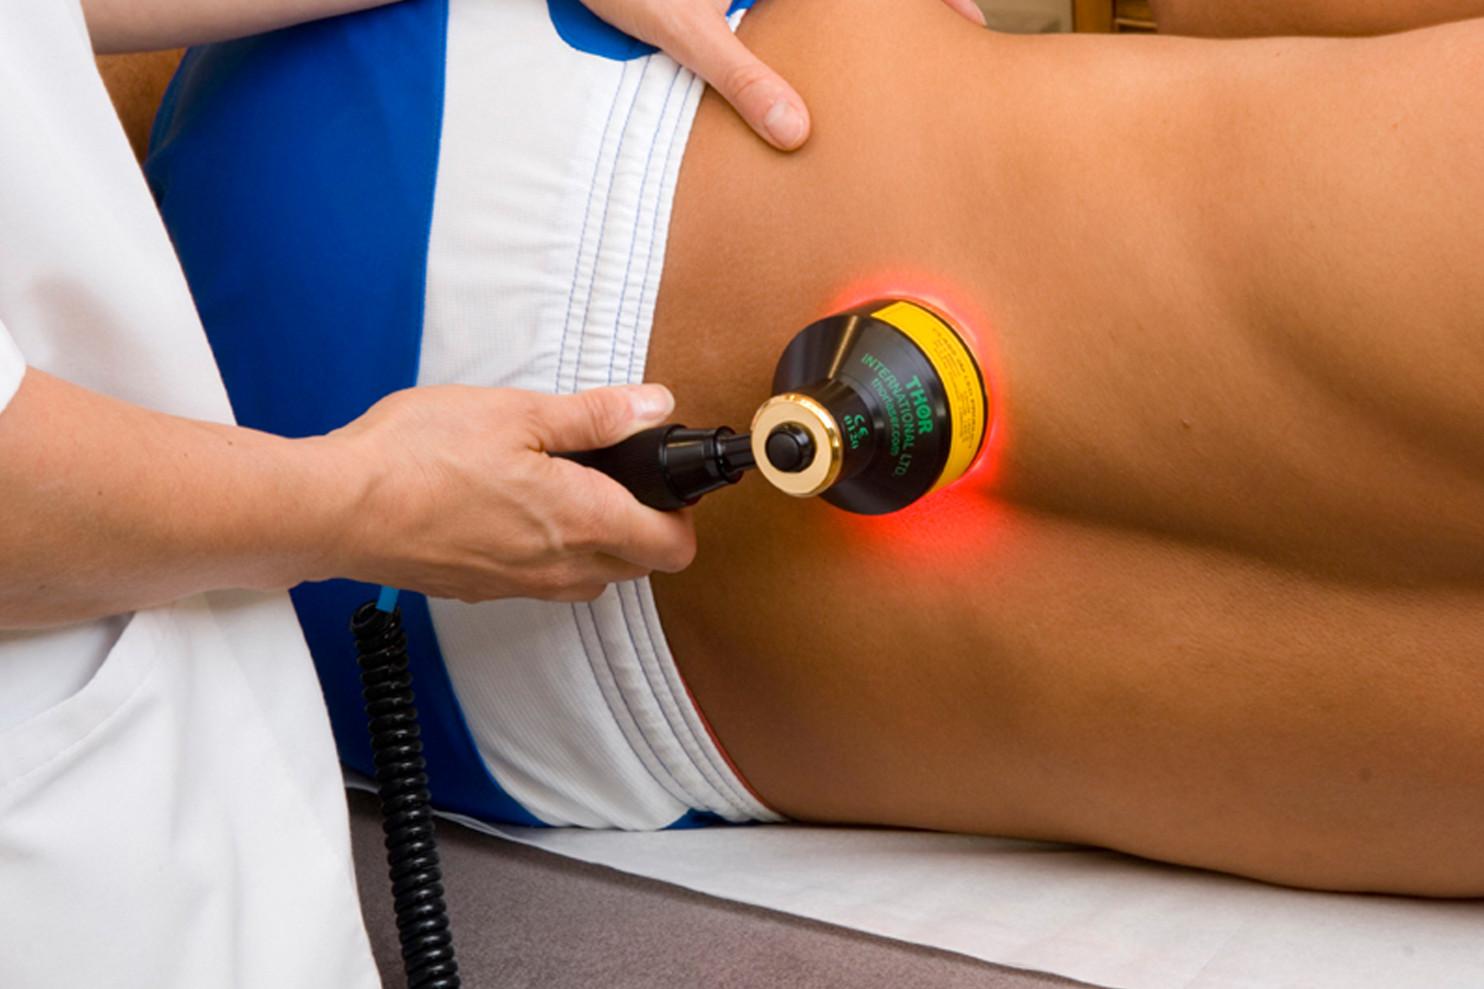 Лазер при лечении грыж позвоночника